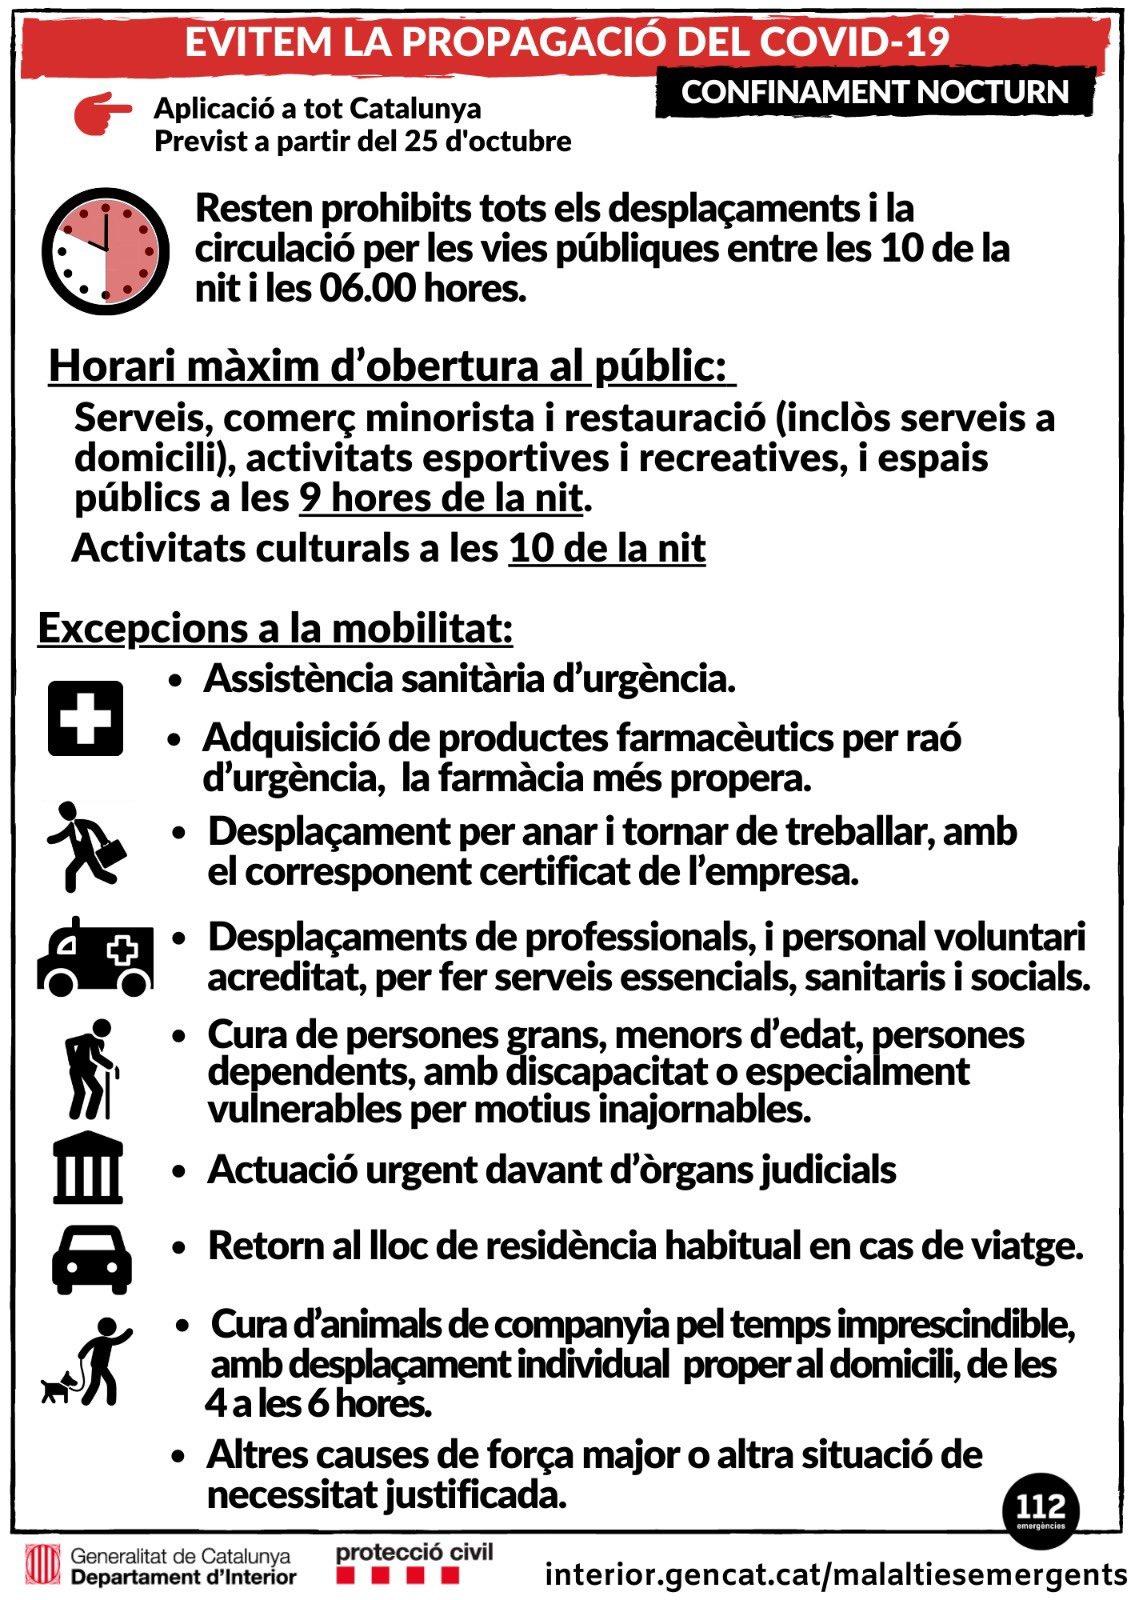 ACTUALITZACIÓ – Noves mesures: es decreta l'estat d'alarma i està previst el confinament nocturn de 22 a 6h